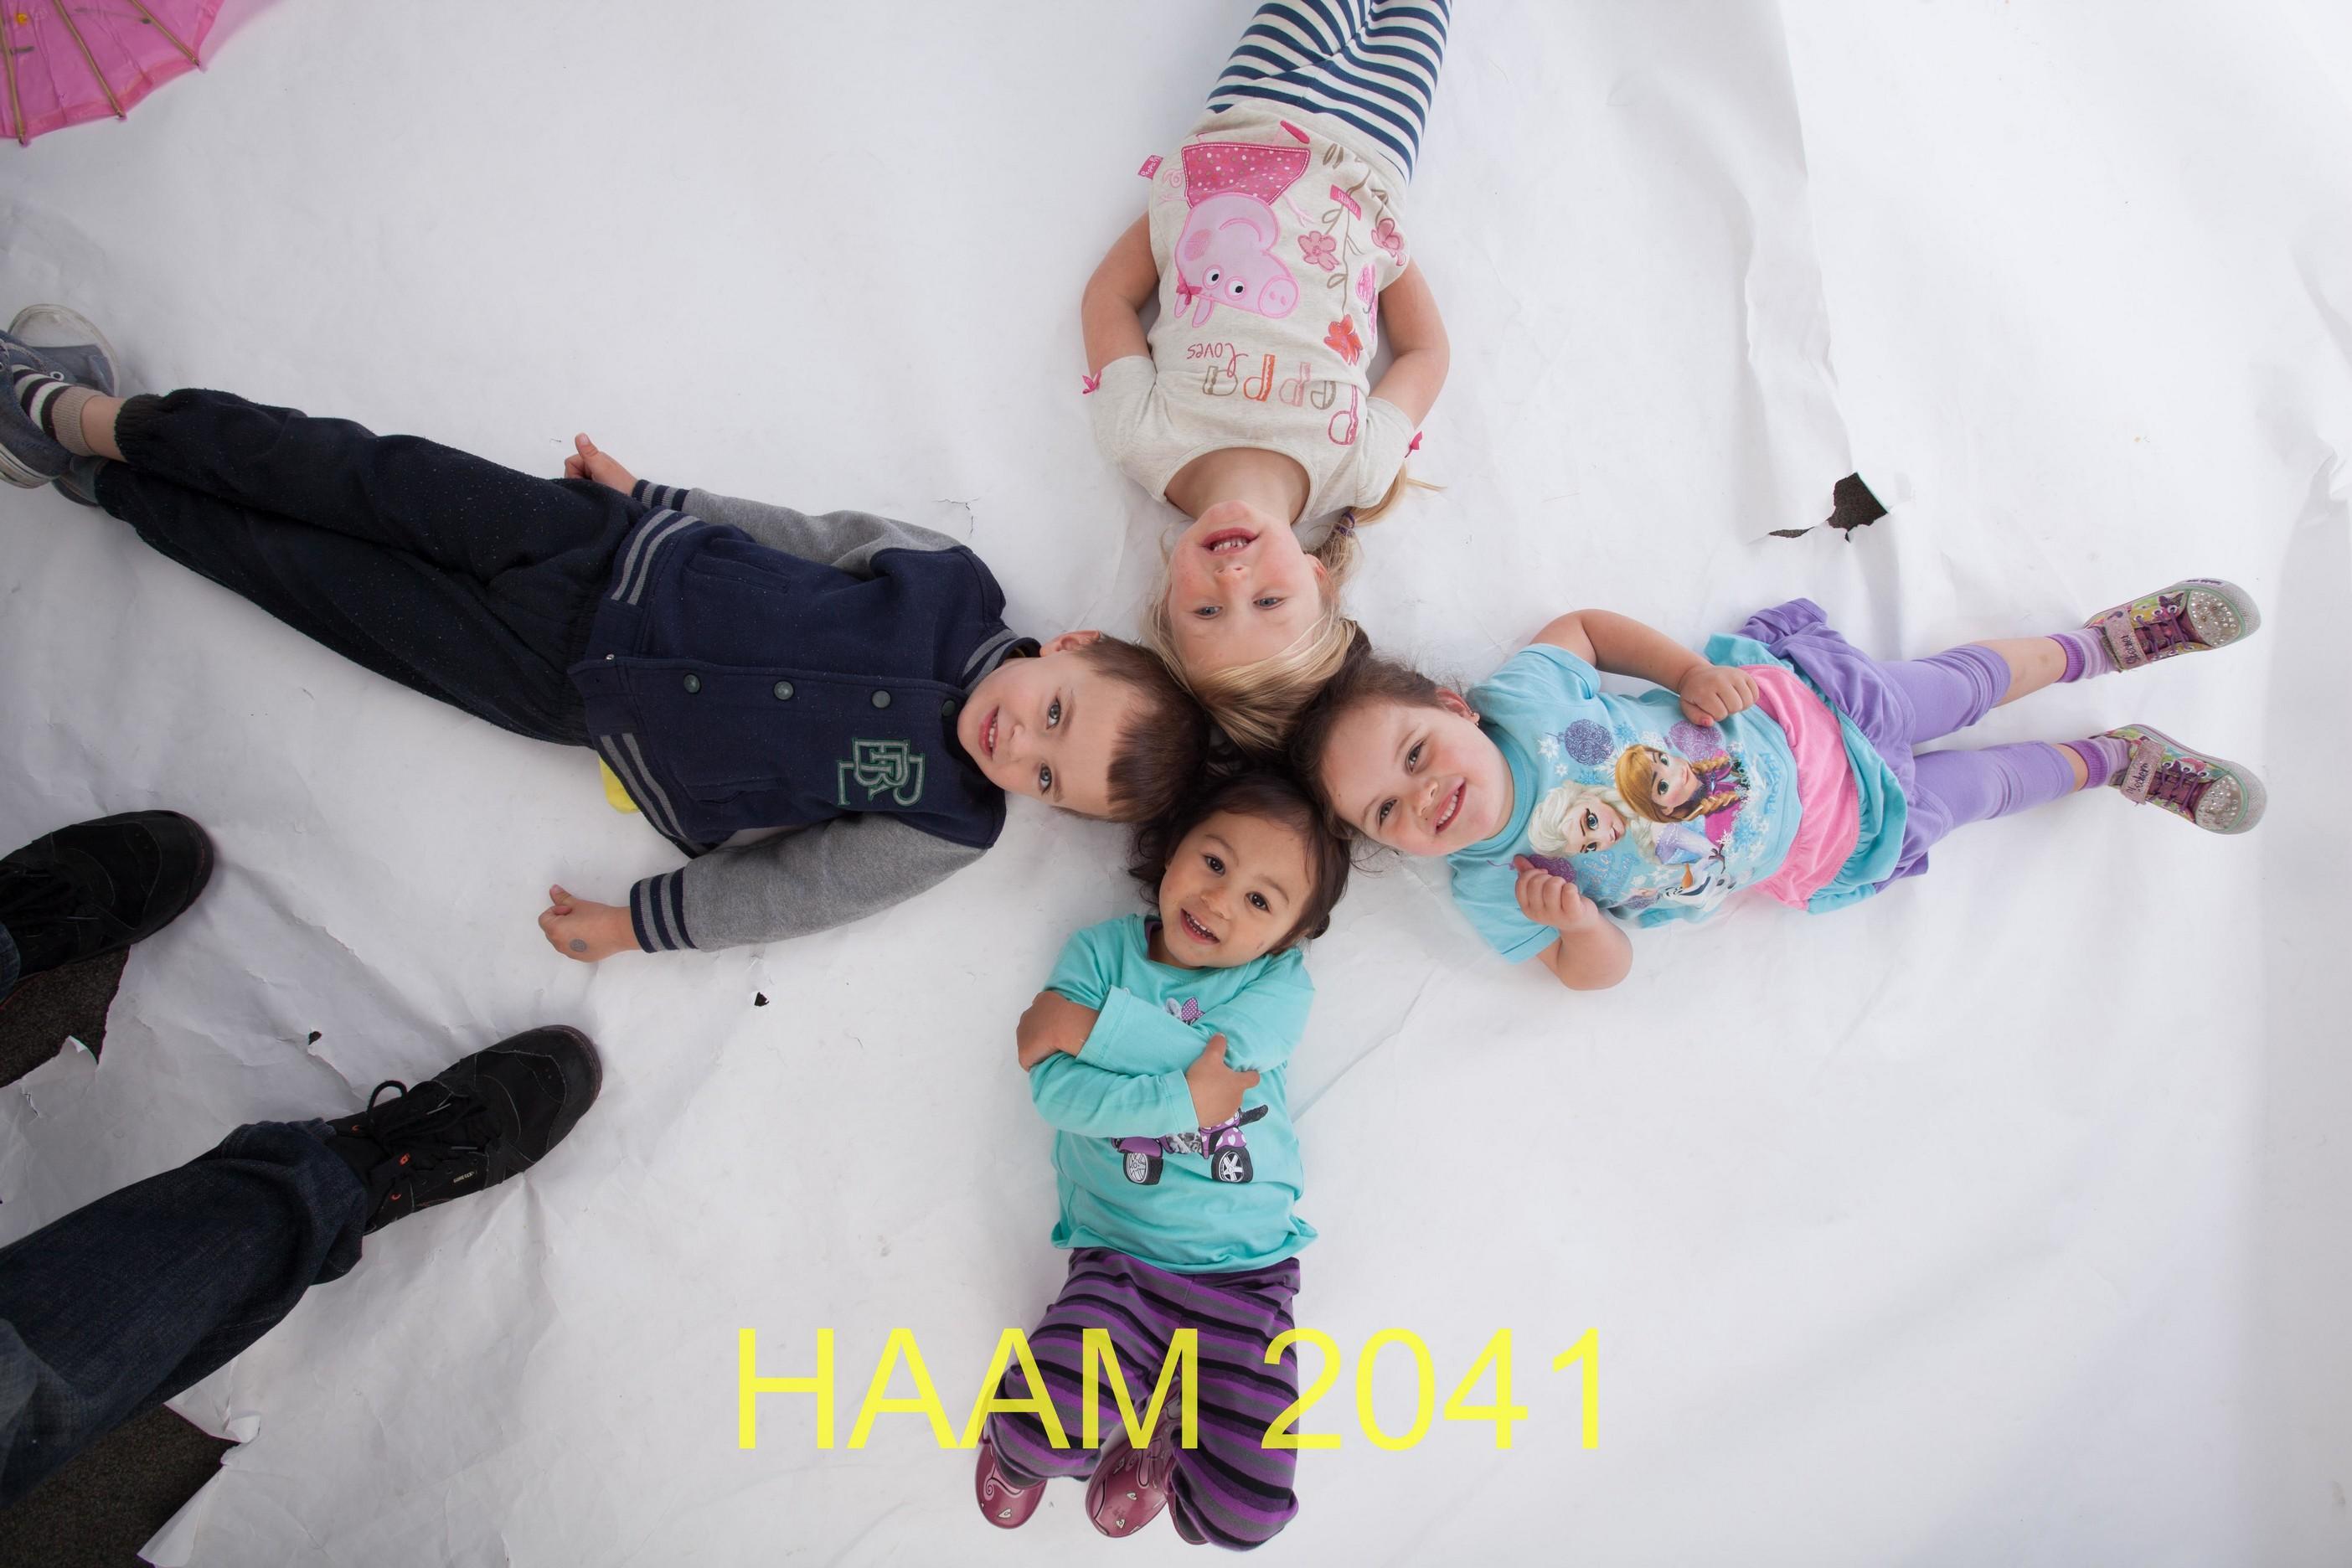 HAAM 2041